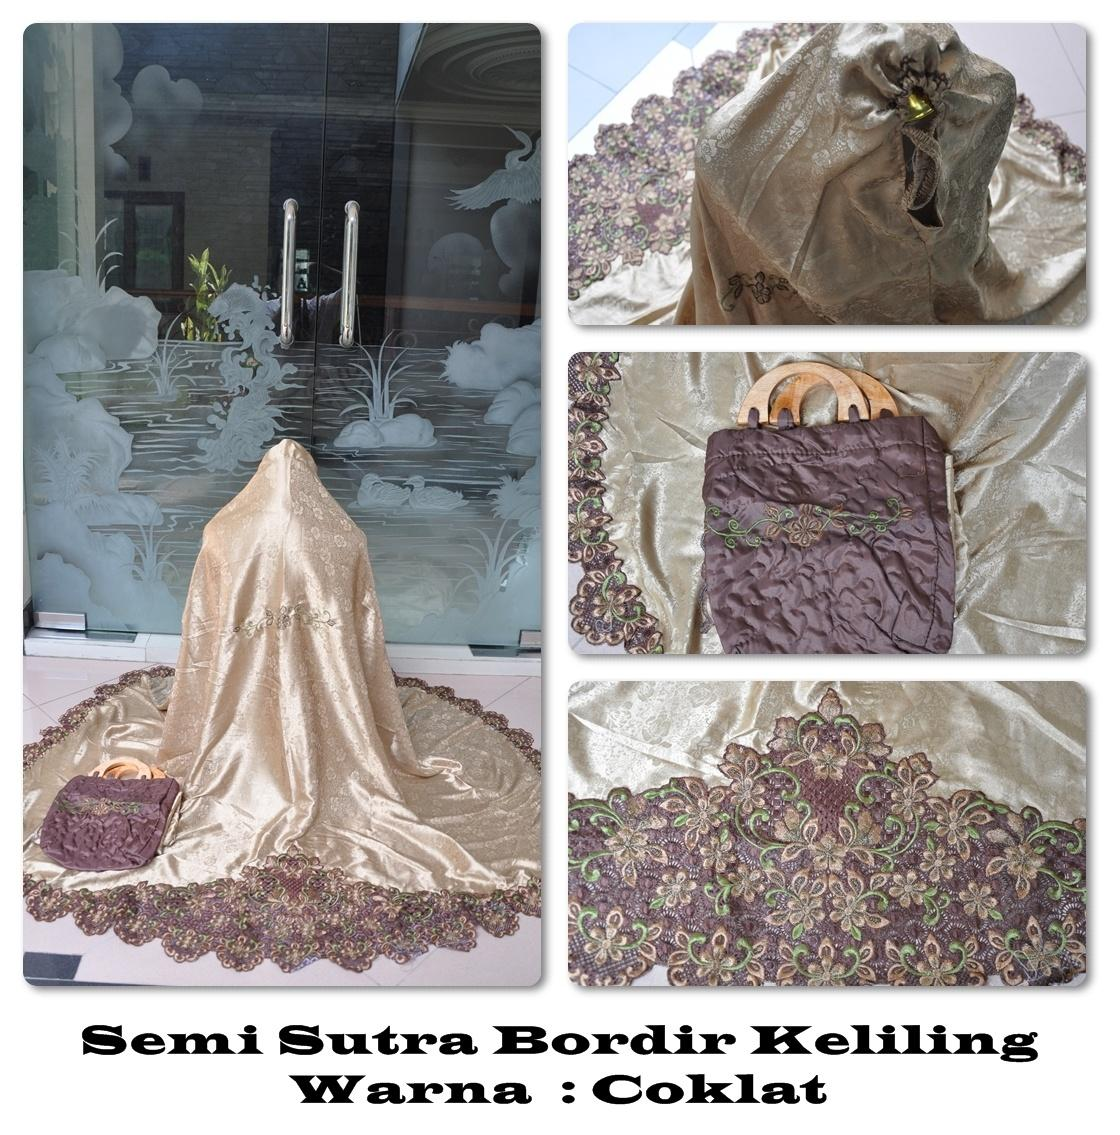 viza - MUKENA DEWASA SEMI SUTRA DOFF BORDIR KELILING (COKLAT)baju muslim wanita / baju muslimah / baju muslim wamita terbaru / baju muslim murah TERBARU!!